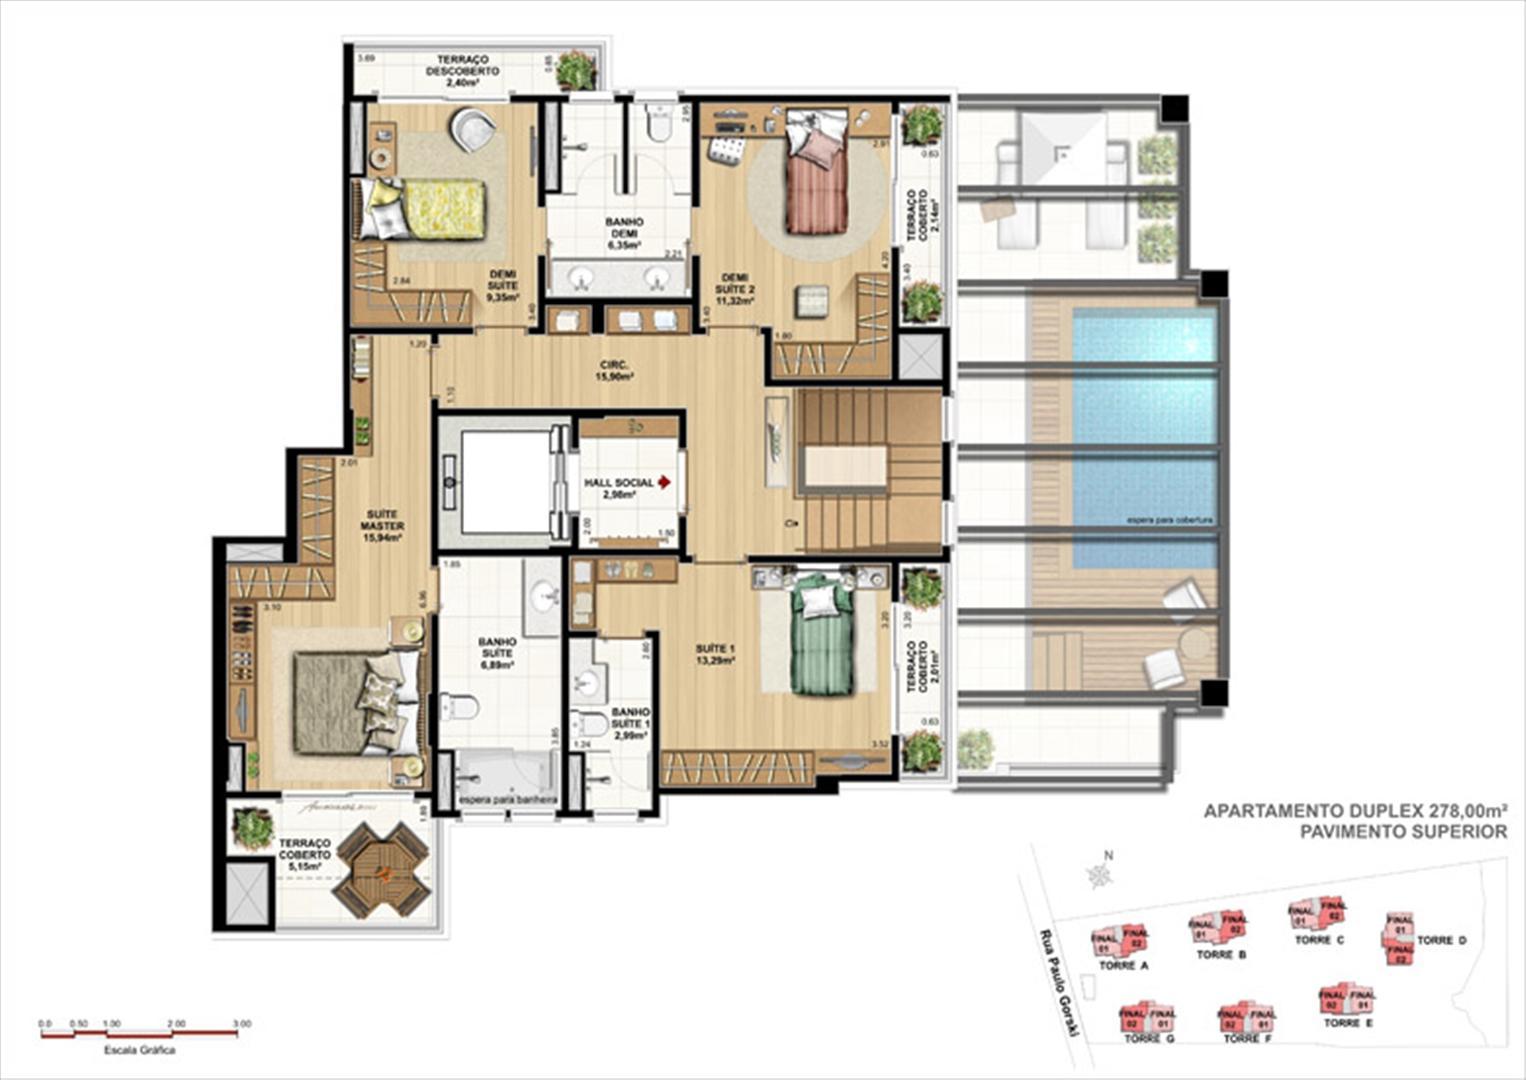 Duplex  - 278 m² pavimento superior | Ópera Unique Home – Apartamento no  Ecoville - Curitiba - Paraná